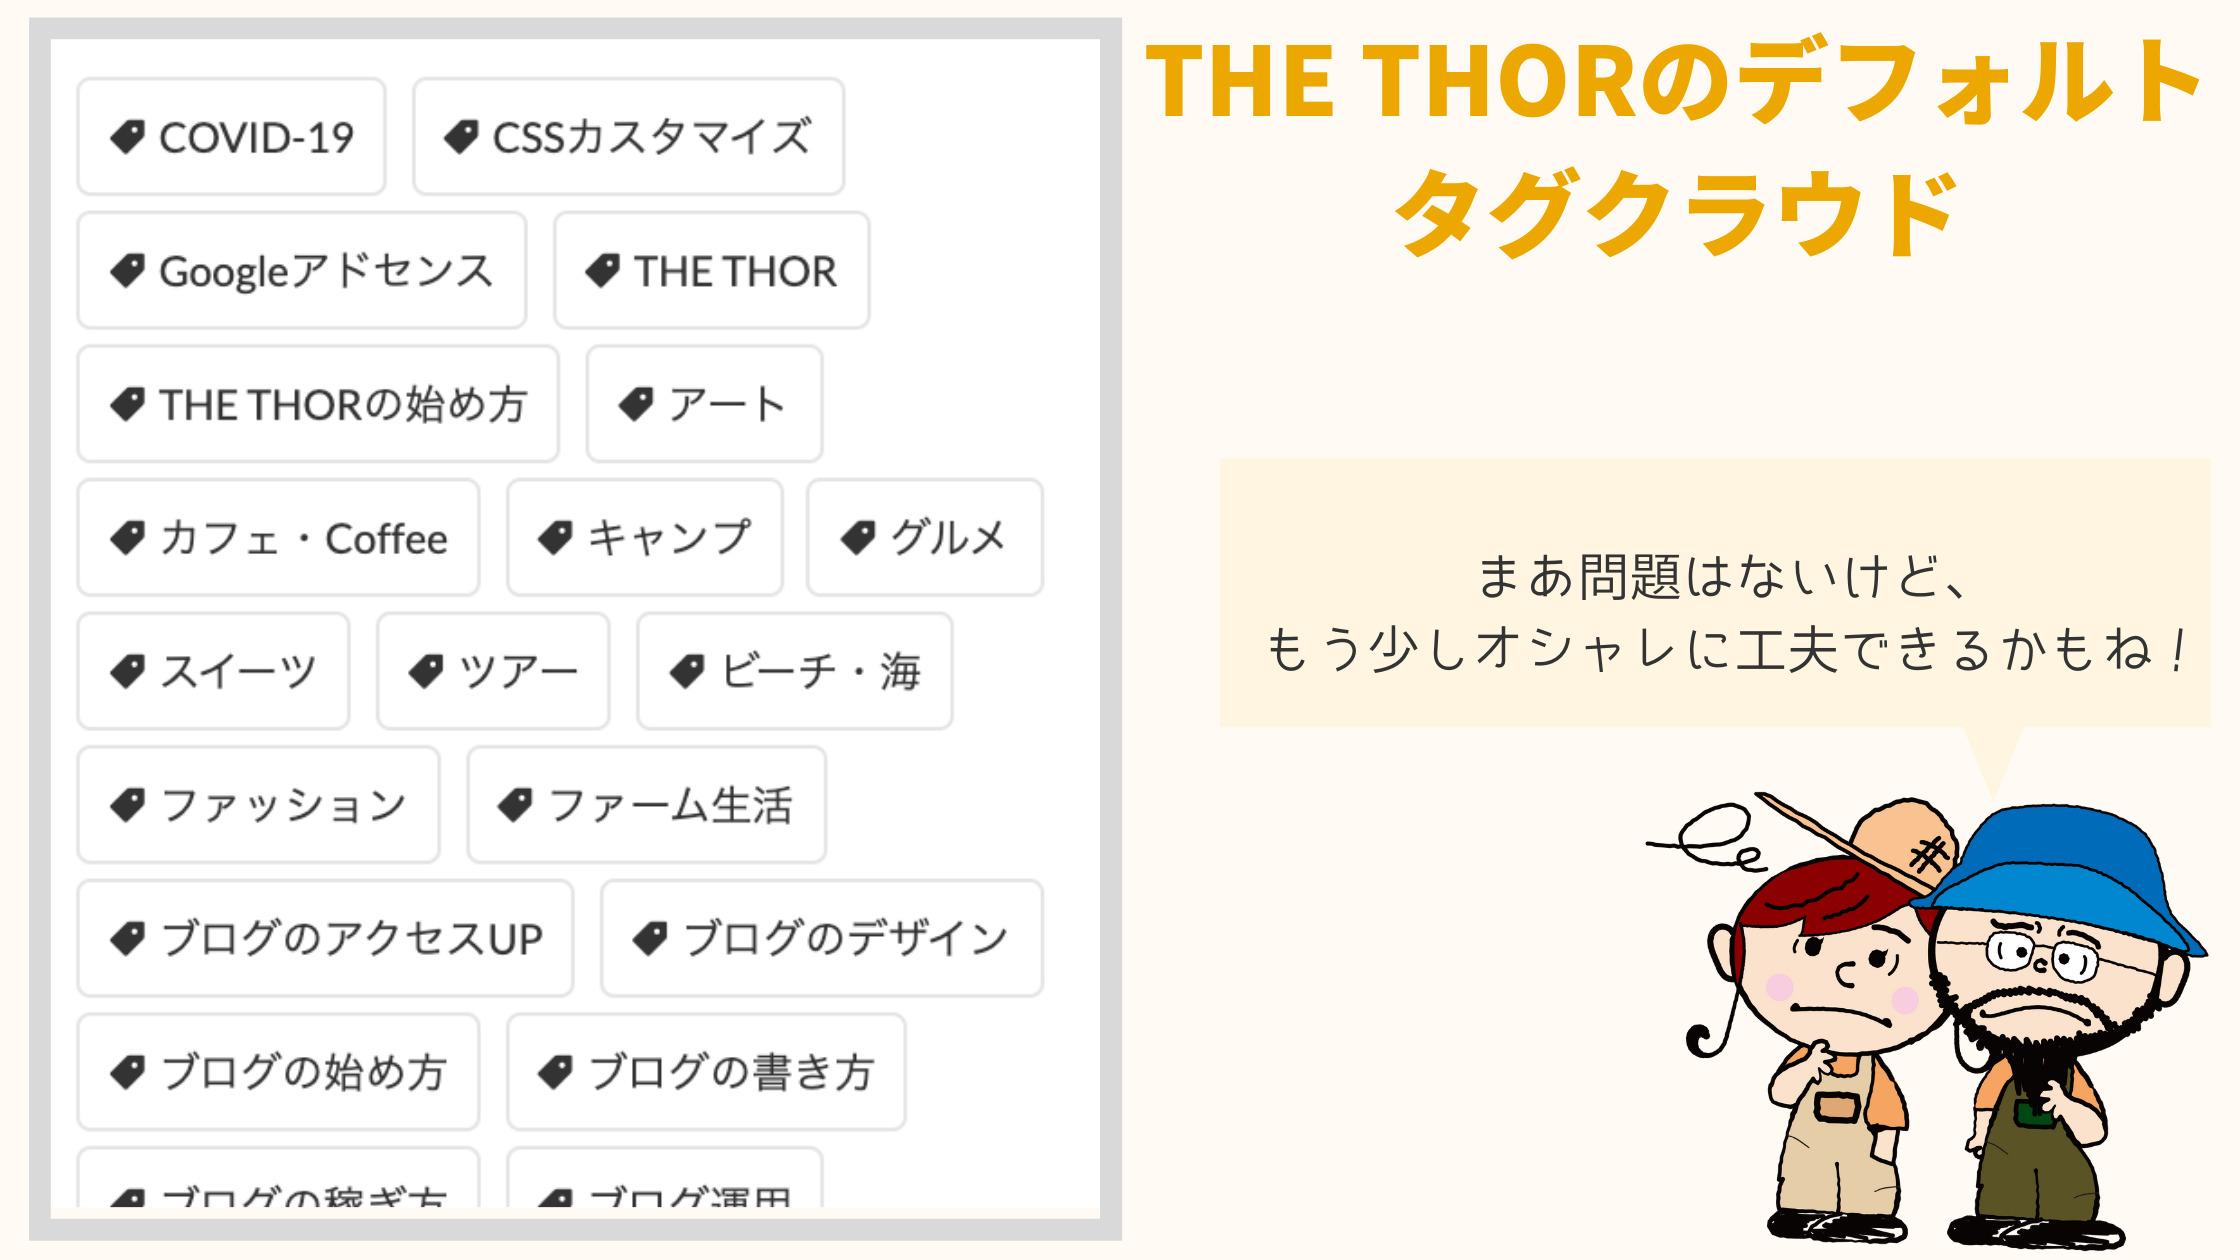 THE THORのタグクラウド・カスタマイズ